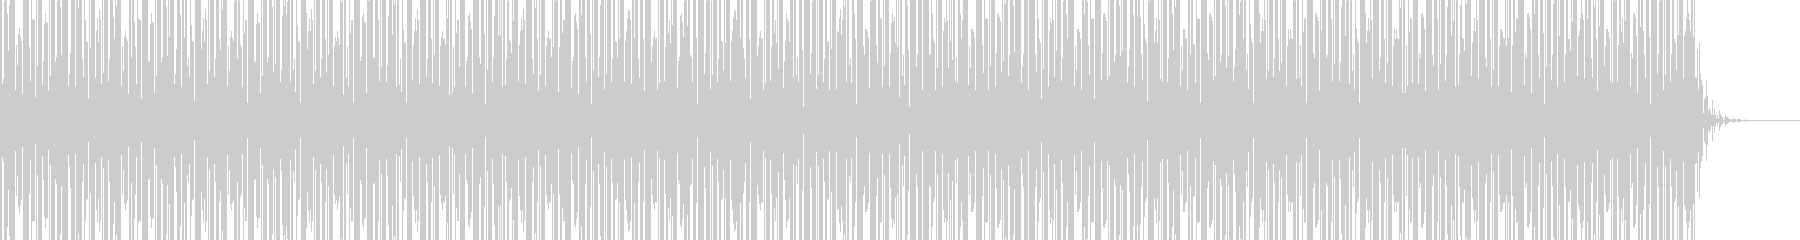 実用的シンセの無機質アンビエントBGM4の未再生の波形